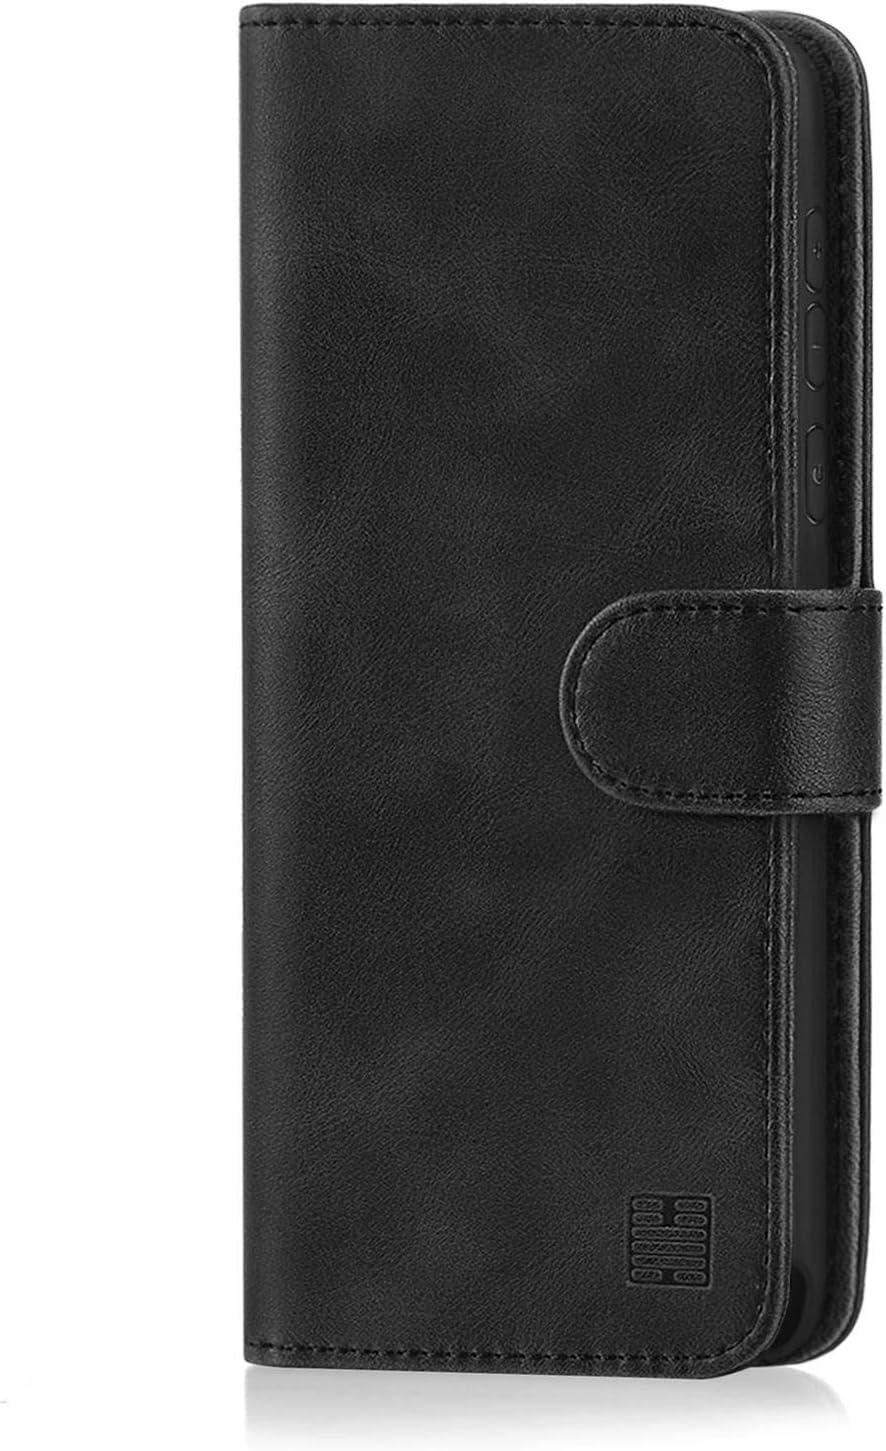 32nd Custodia a Portafoglio in Pelle Sintetica per Xiaomi Redmi Note 2